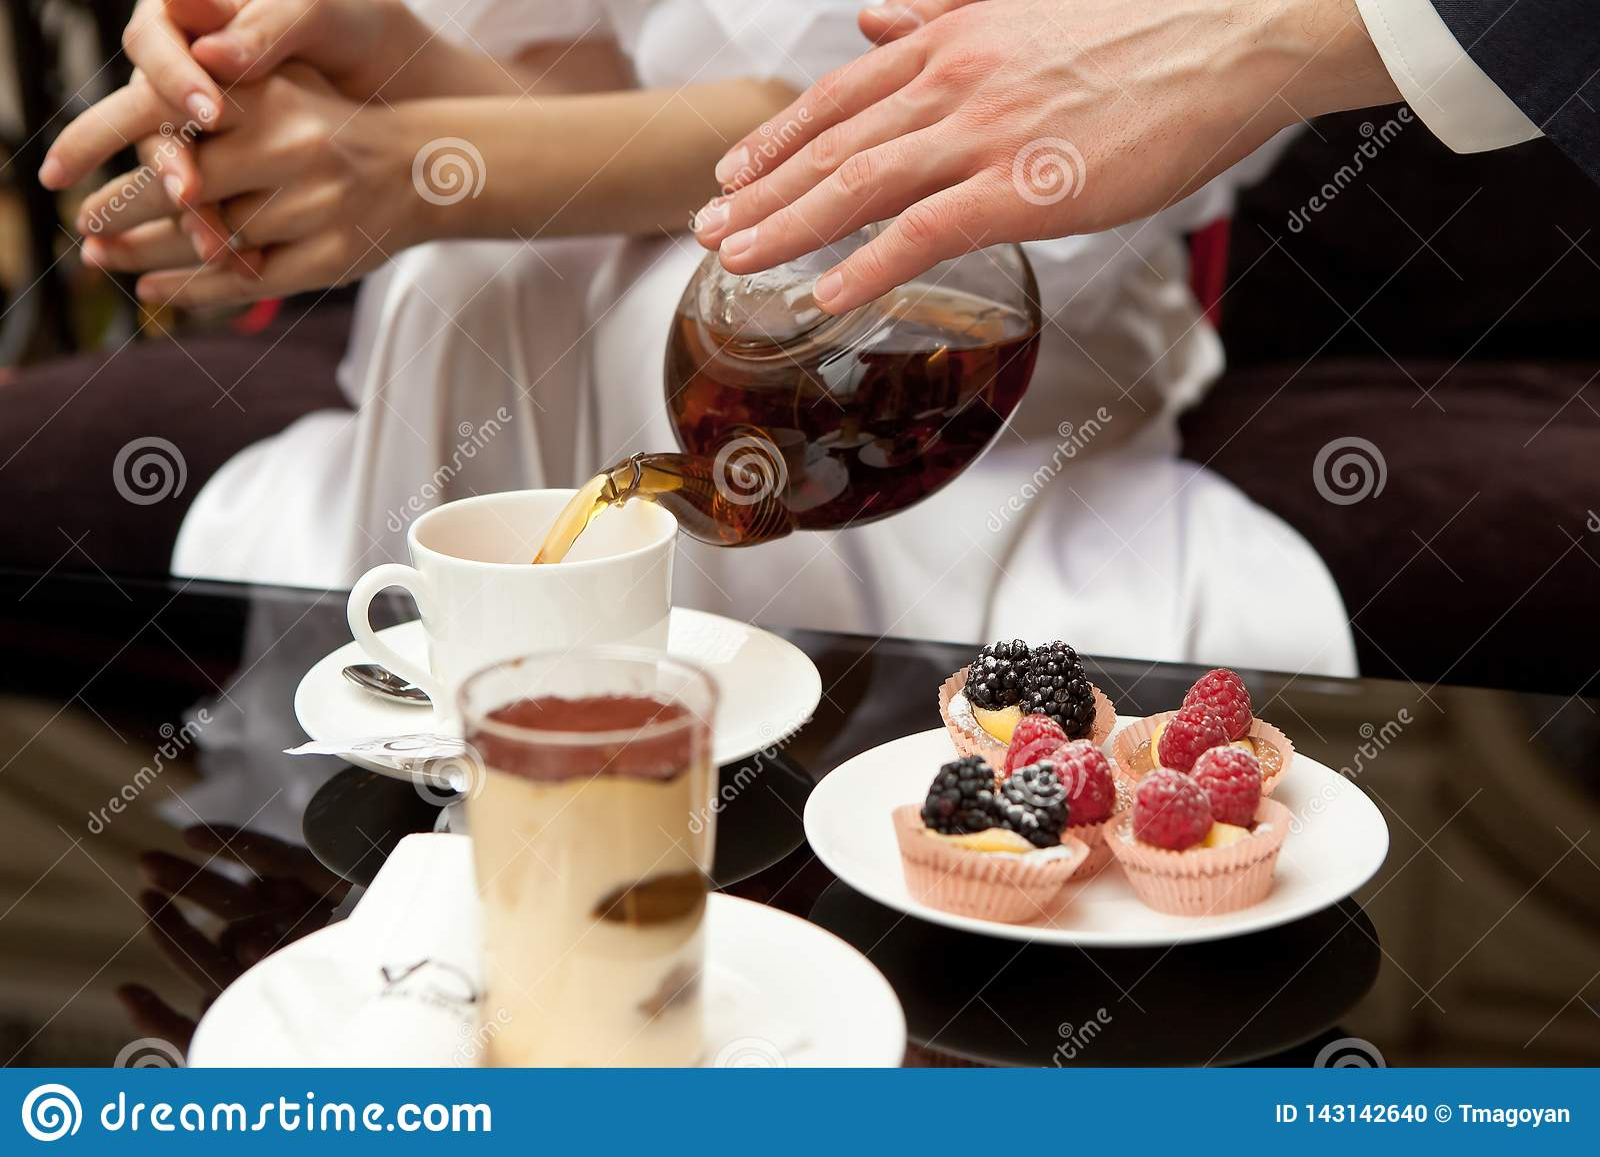 Mężczyzna dba dla kobiety: nalewa ona zielonej herbaty Na stole są desery: tiramisu i ciasta z świeżymi jagodami Bez twarzy